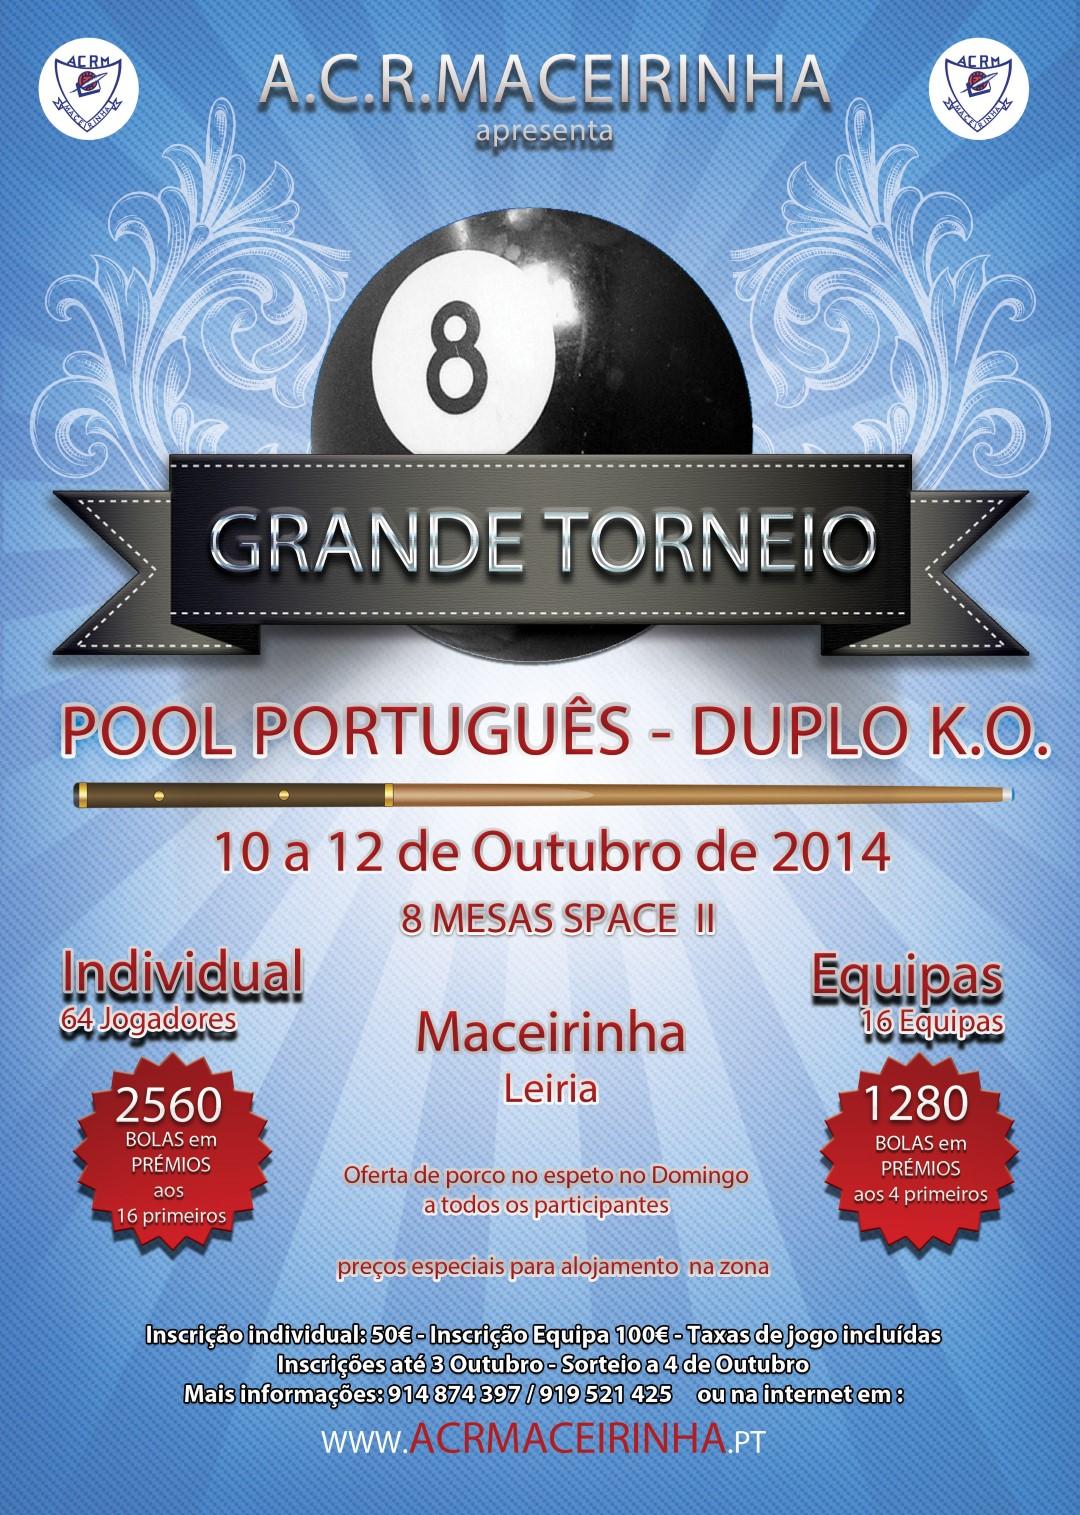 Cartaz Torneio Pool Portugues 2014 Acr Maceirinha